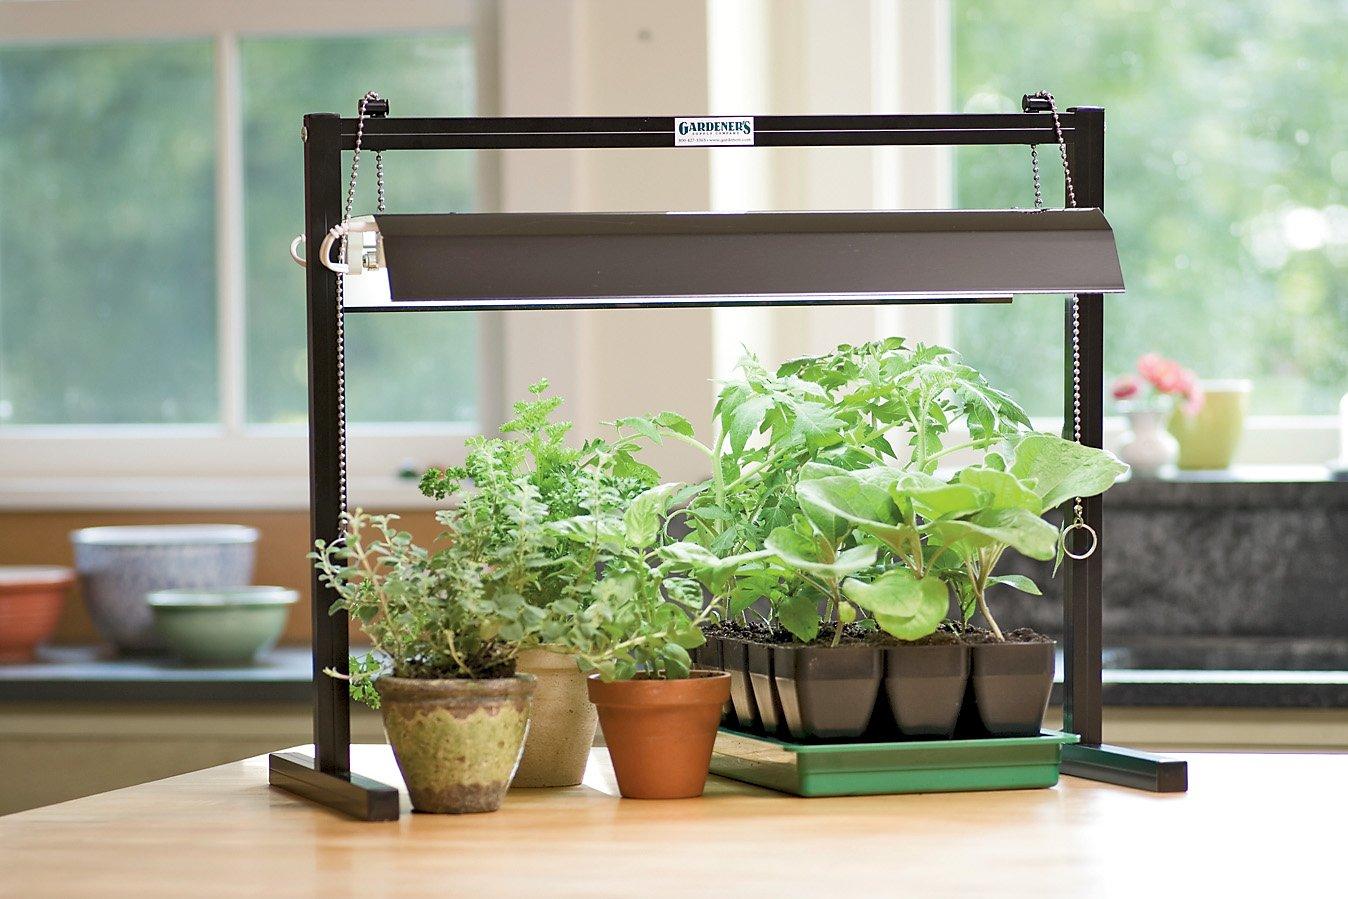 Освещение для растений и дополнительная подсветка